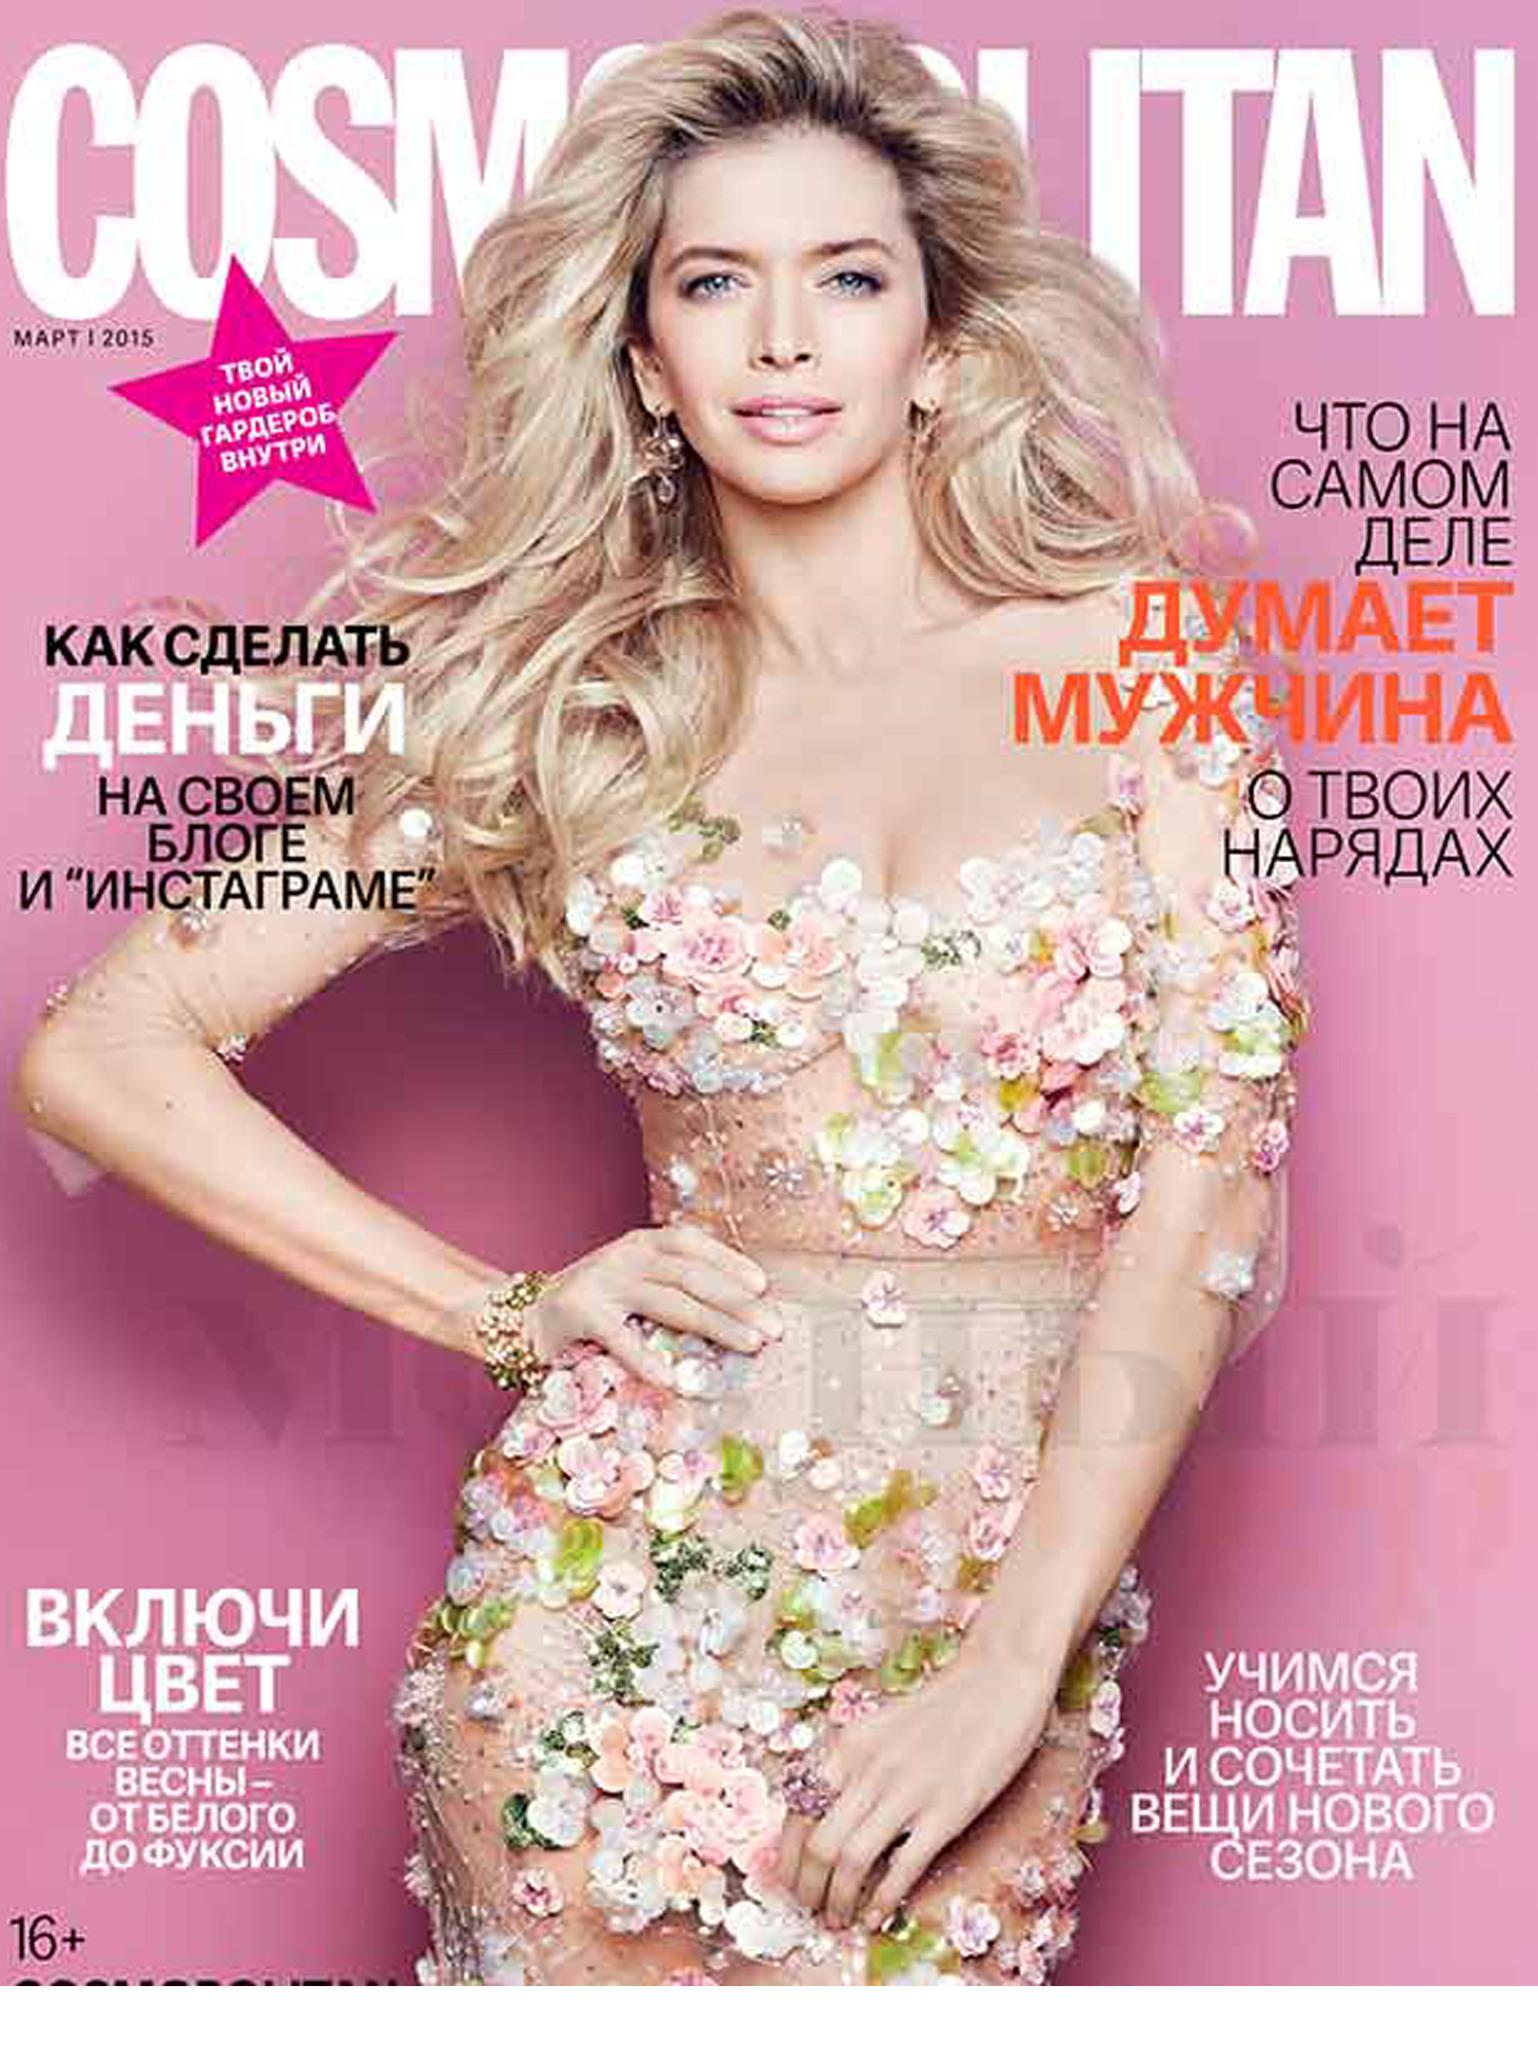 Колье из фарфоры и кожи от ANDRES GALLARDO в журнале Cosmopolitan март 2015 г.